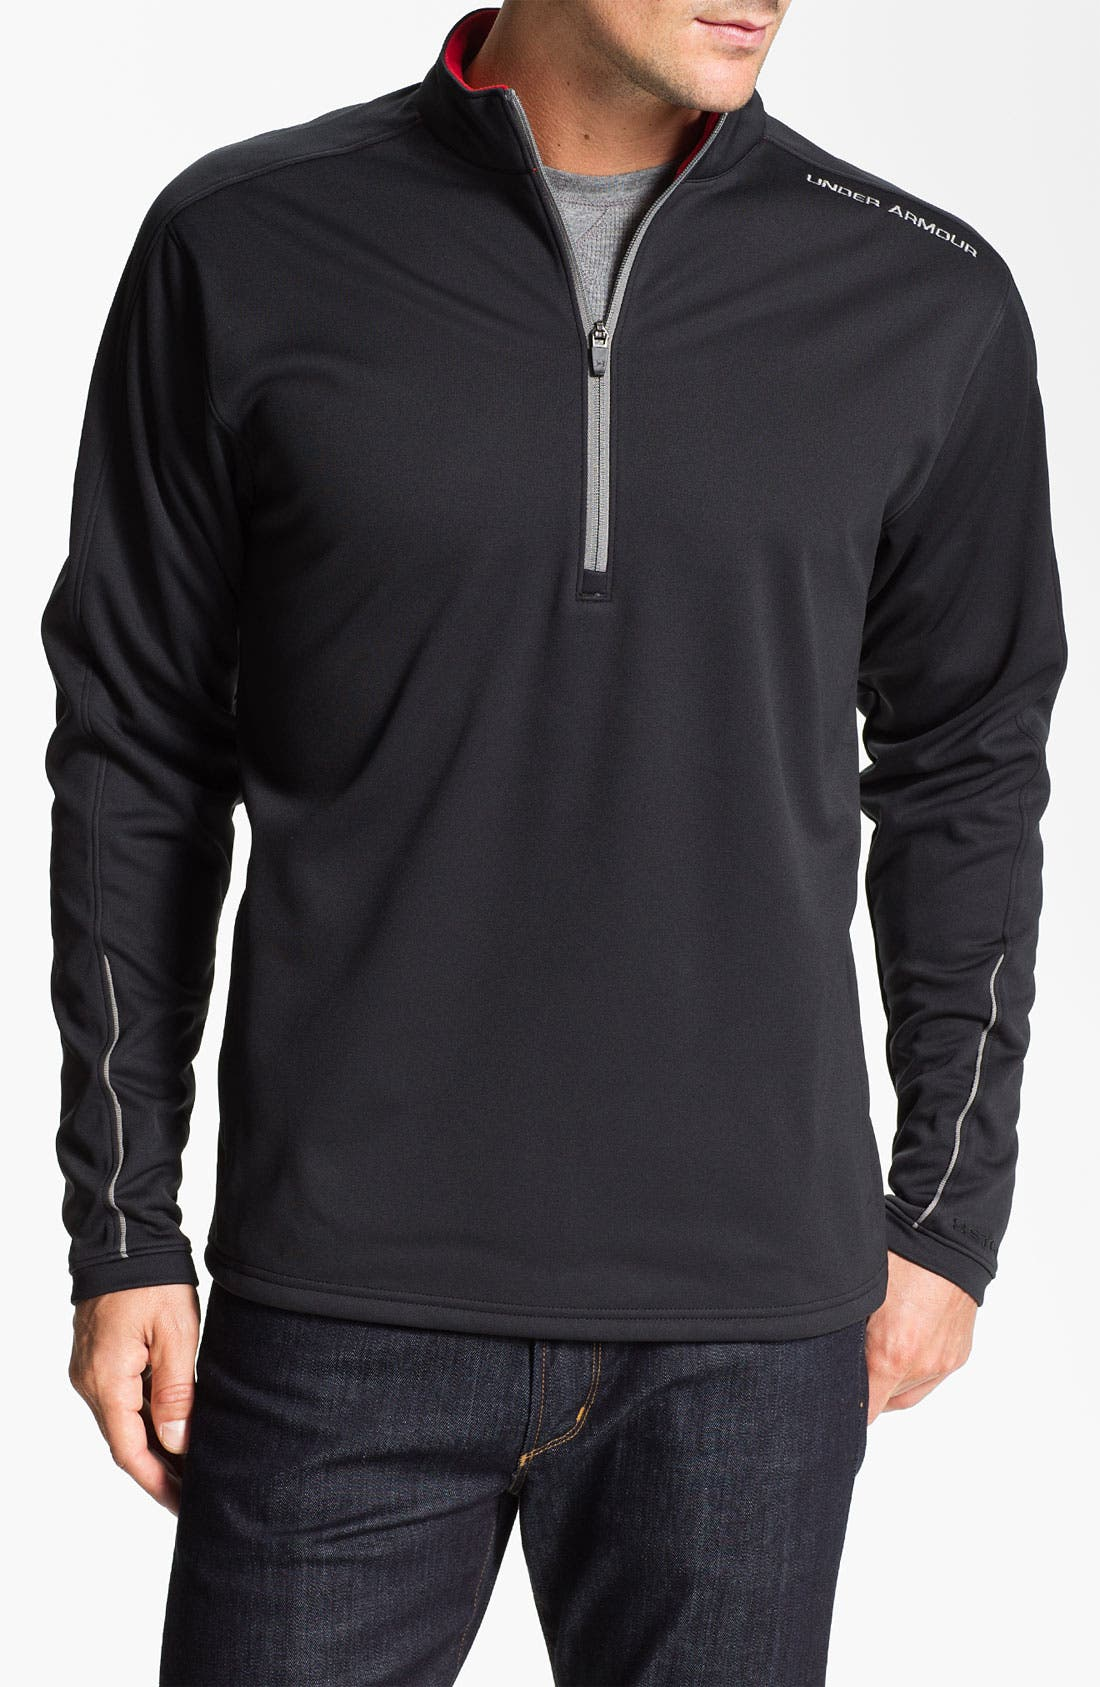 Main Image - Under Armour 'ColdGear® Elements - Storm' Quarter Zip Jacket